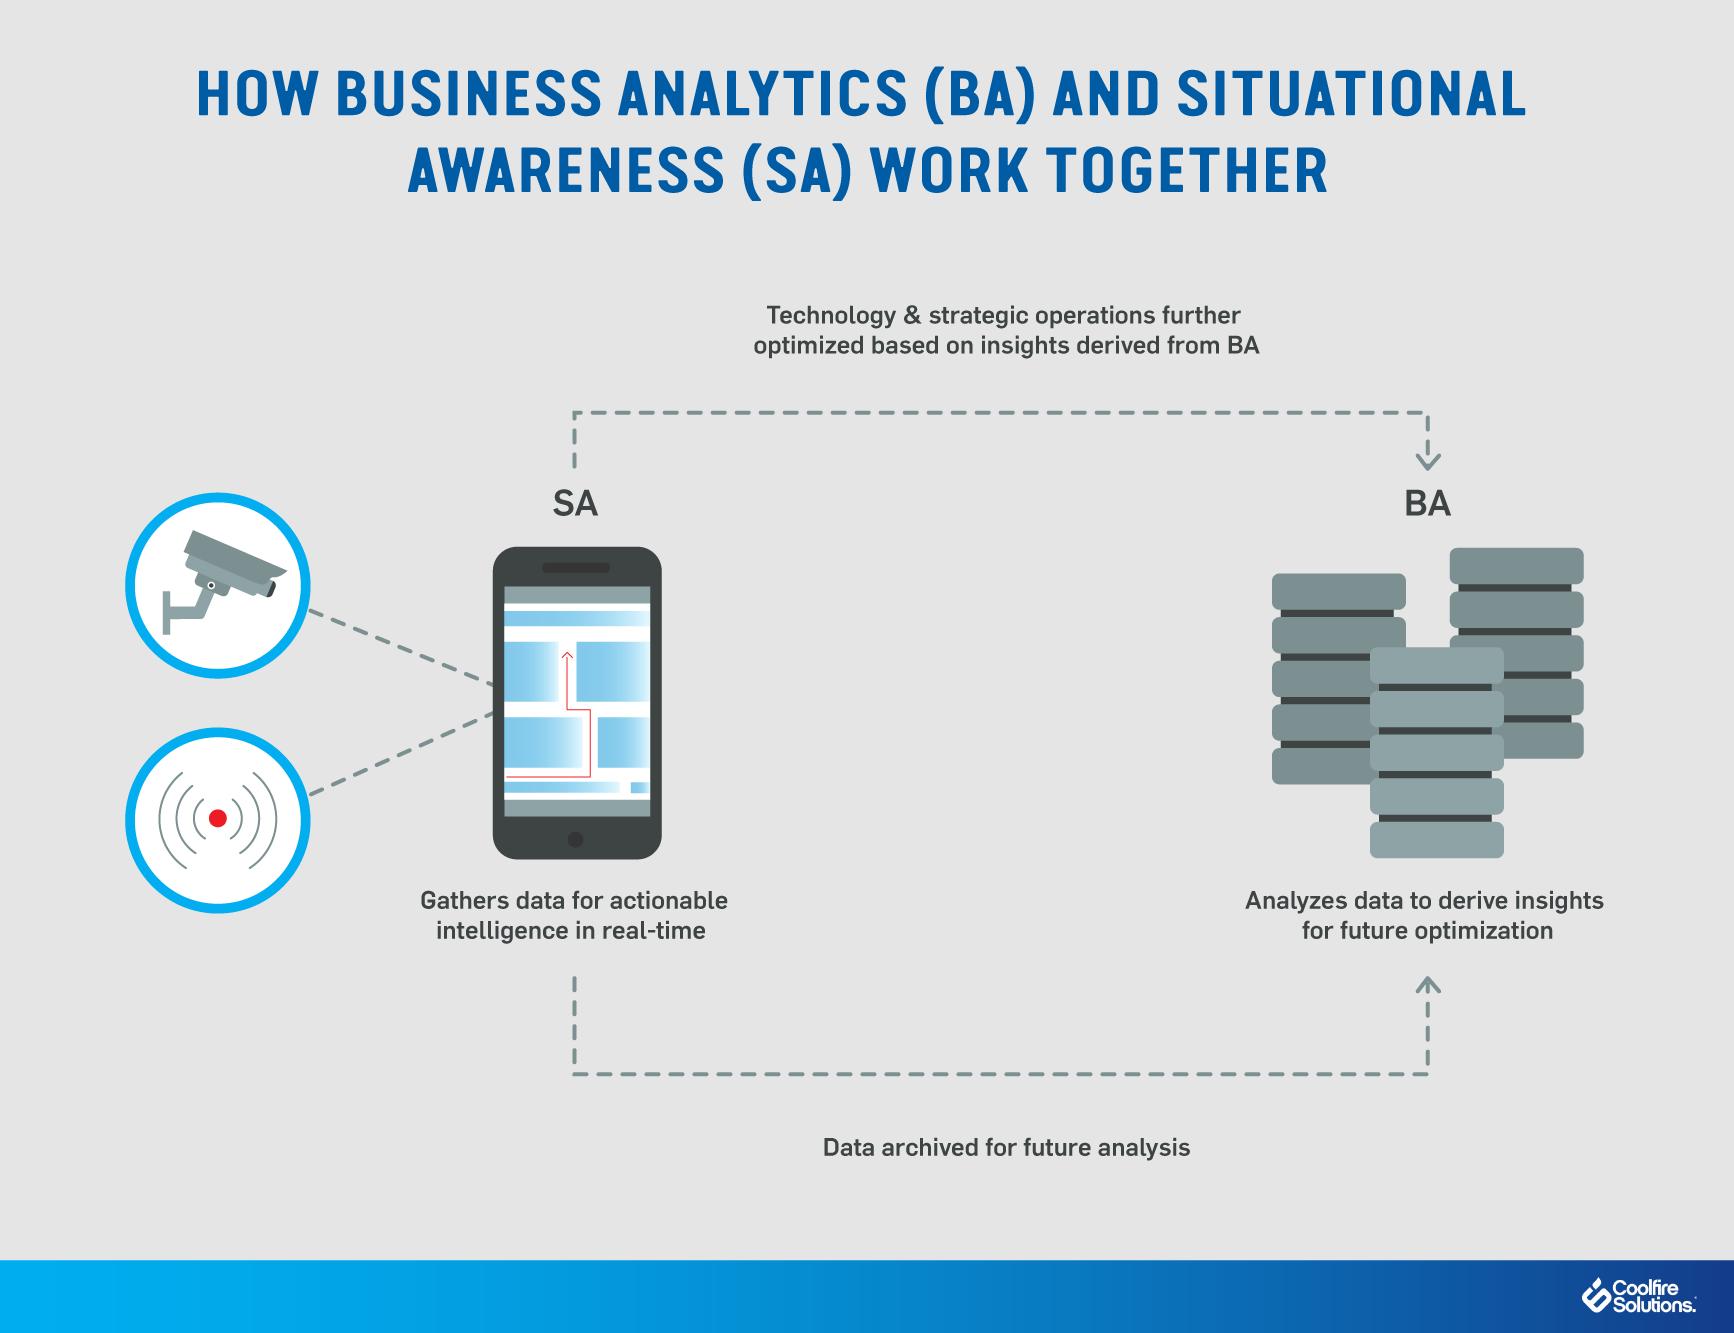 Business Analytics-Situational awareness